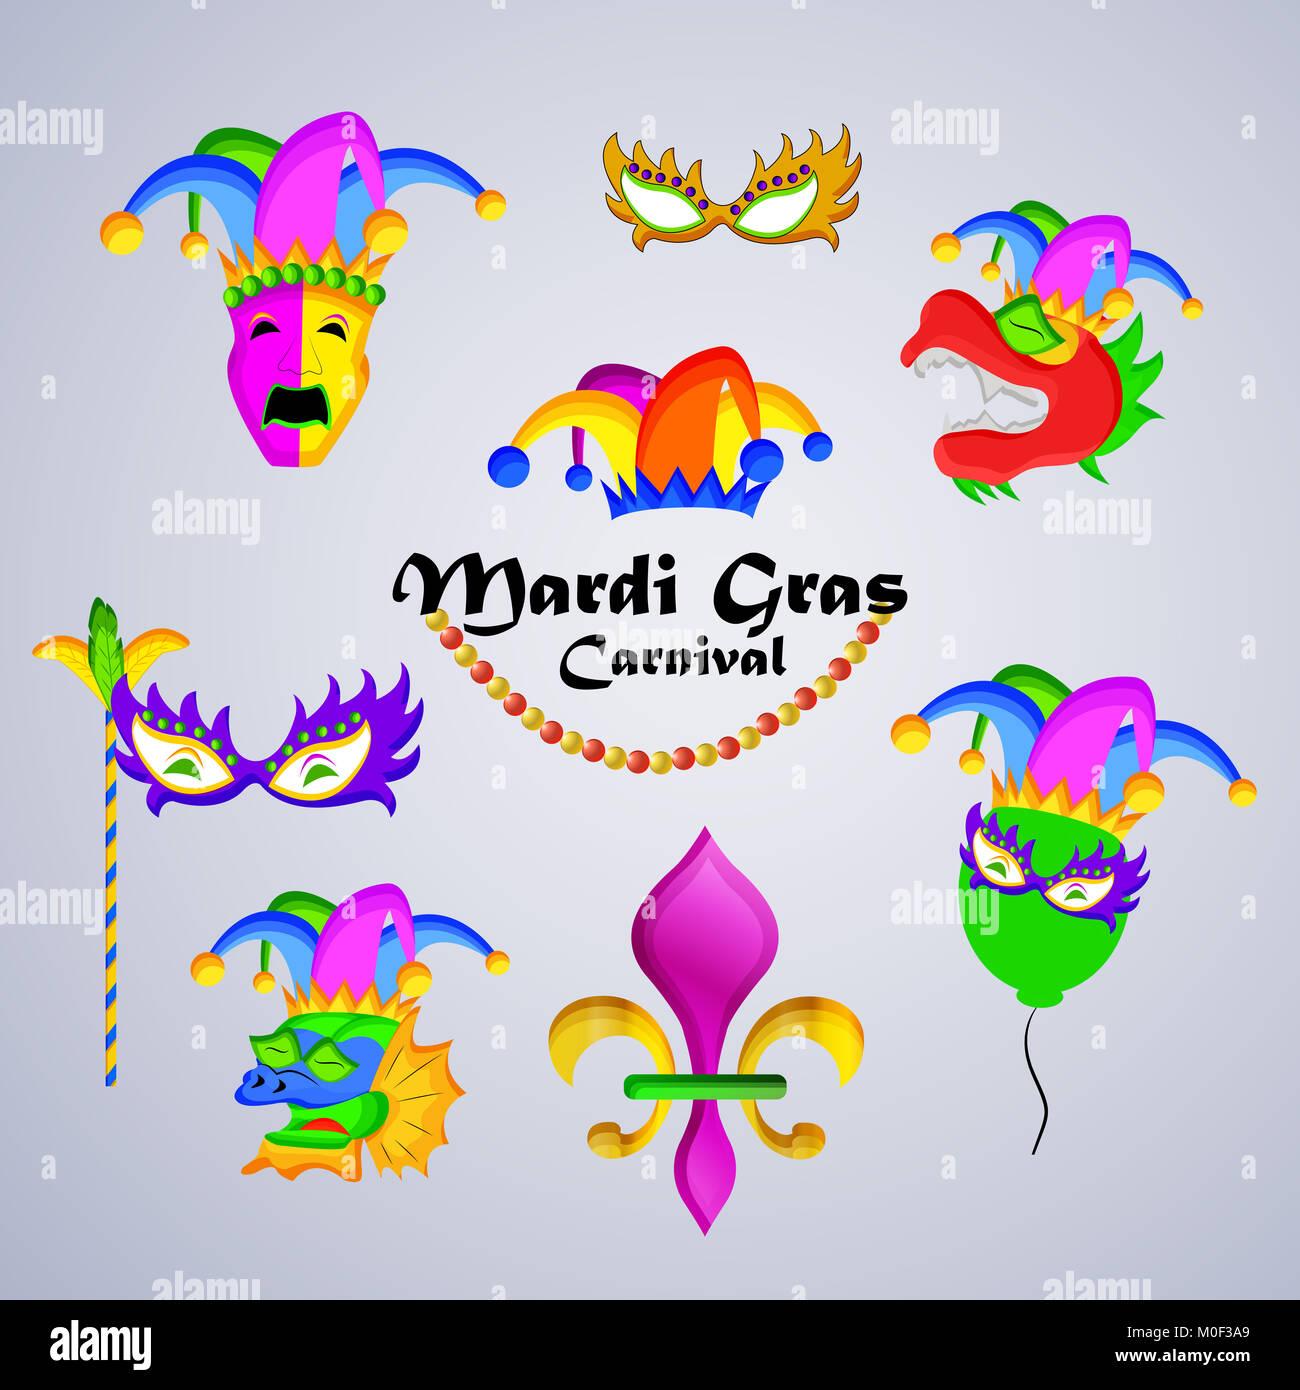 Illustrazione di elementi del Mardi Gras sfondo Carnevale Immagini Stock 58c2db0de2fe